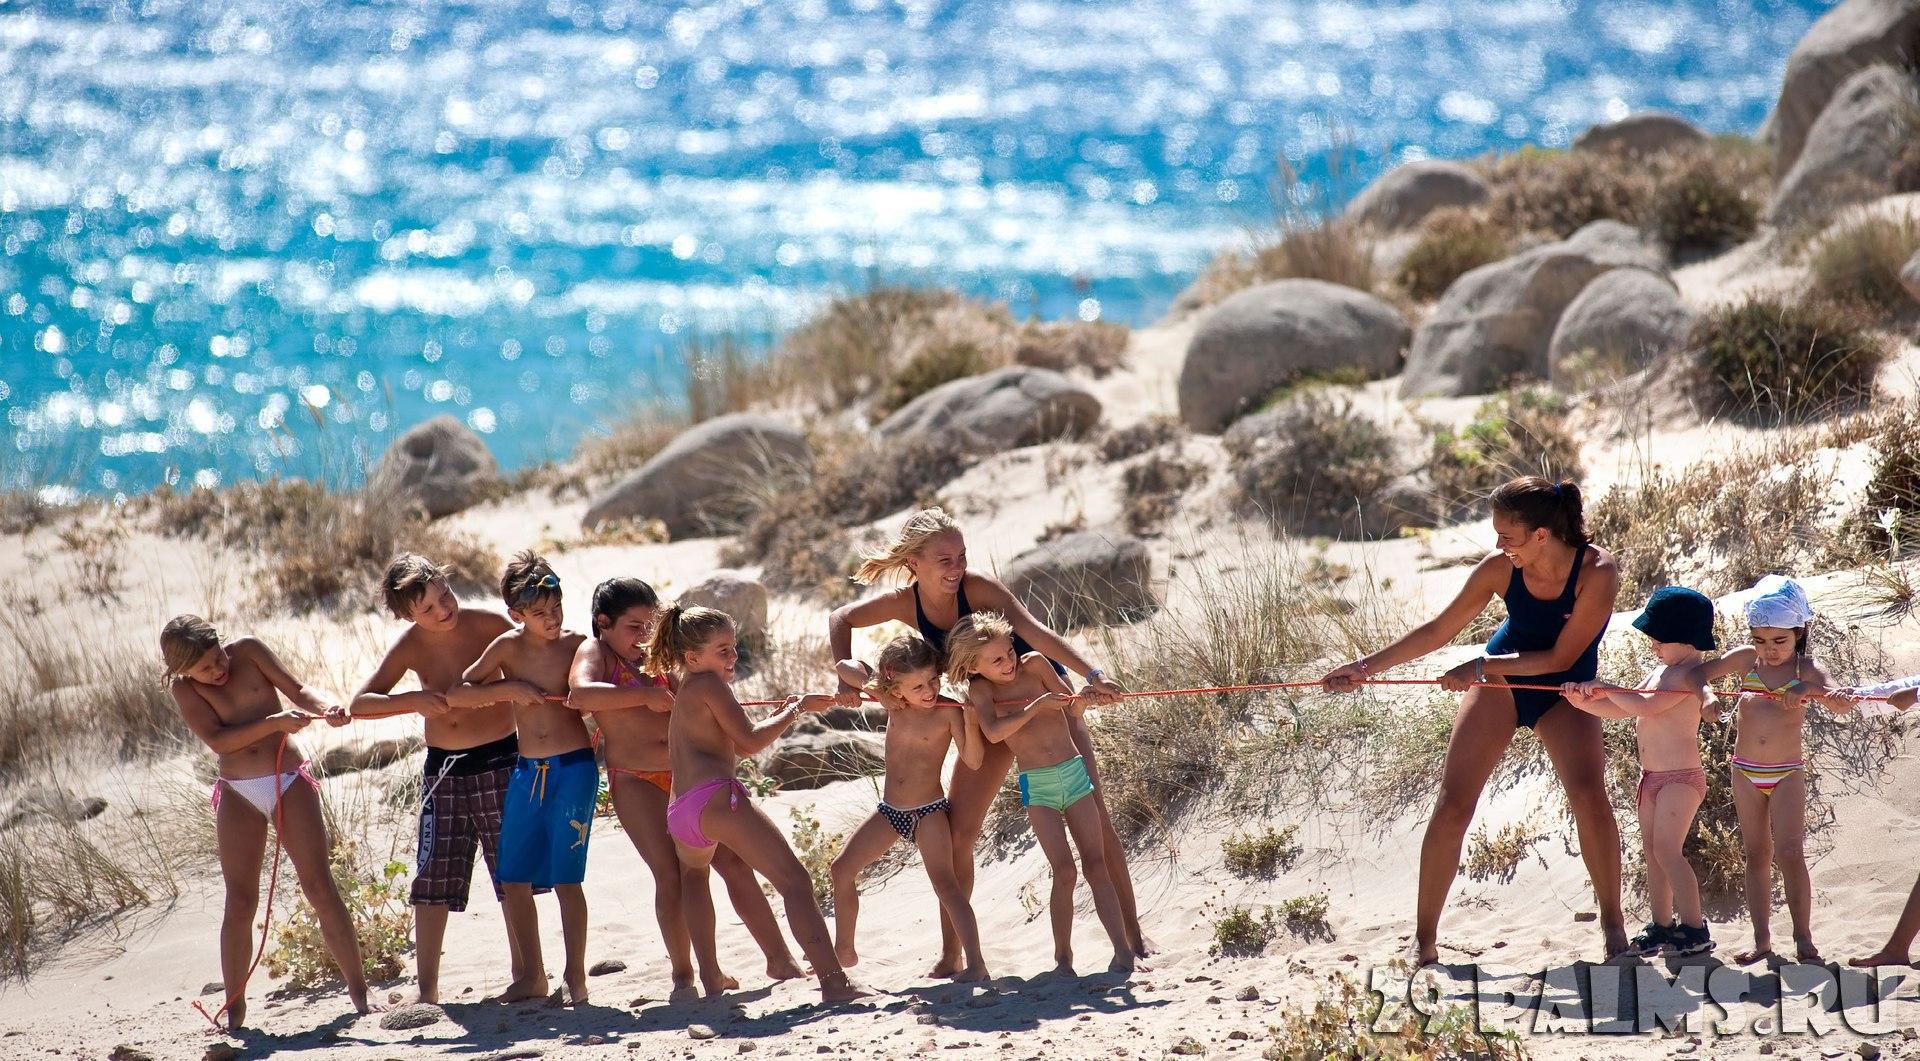 Фото голый семейный нудизм, Фото нудистов на пляже, семейный нудизм и фото 8 фотография